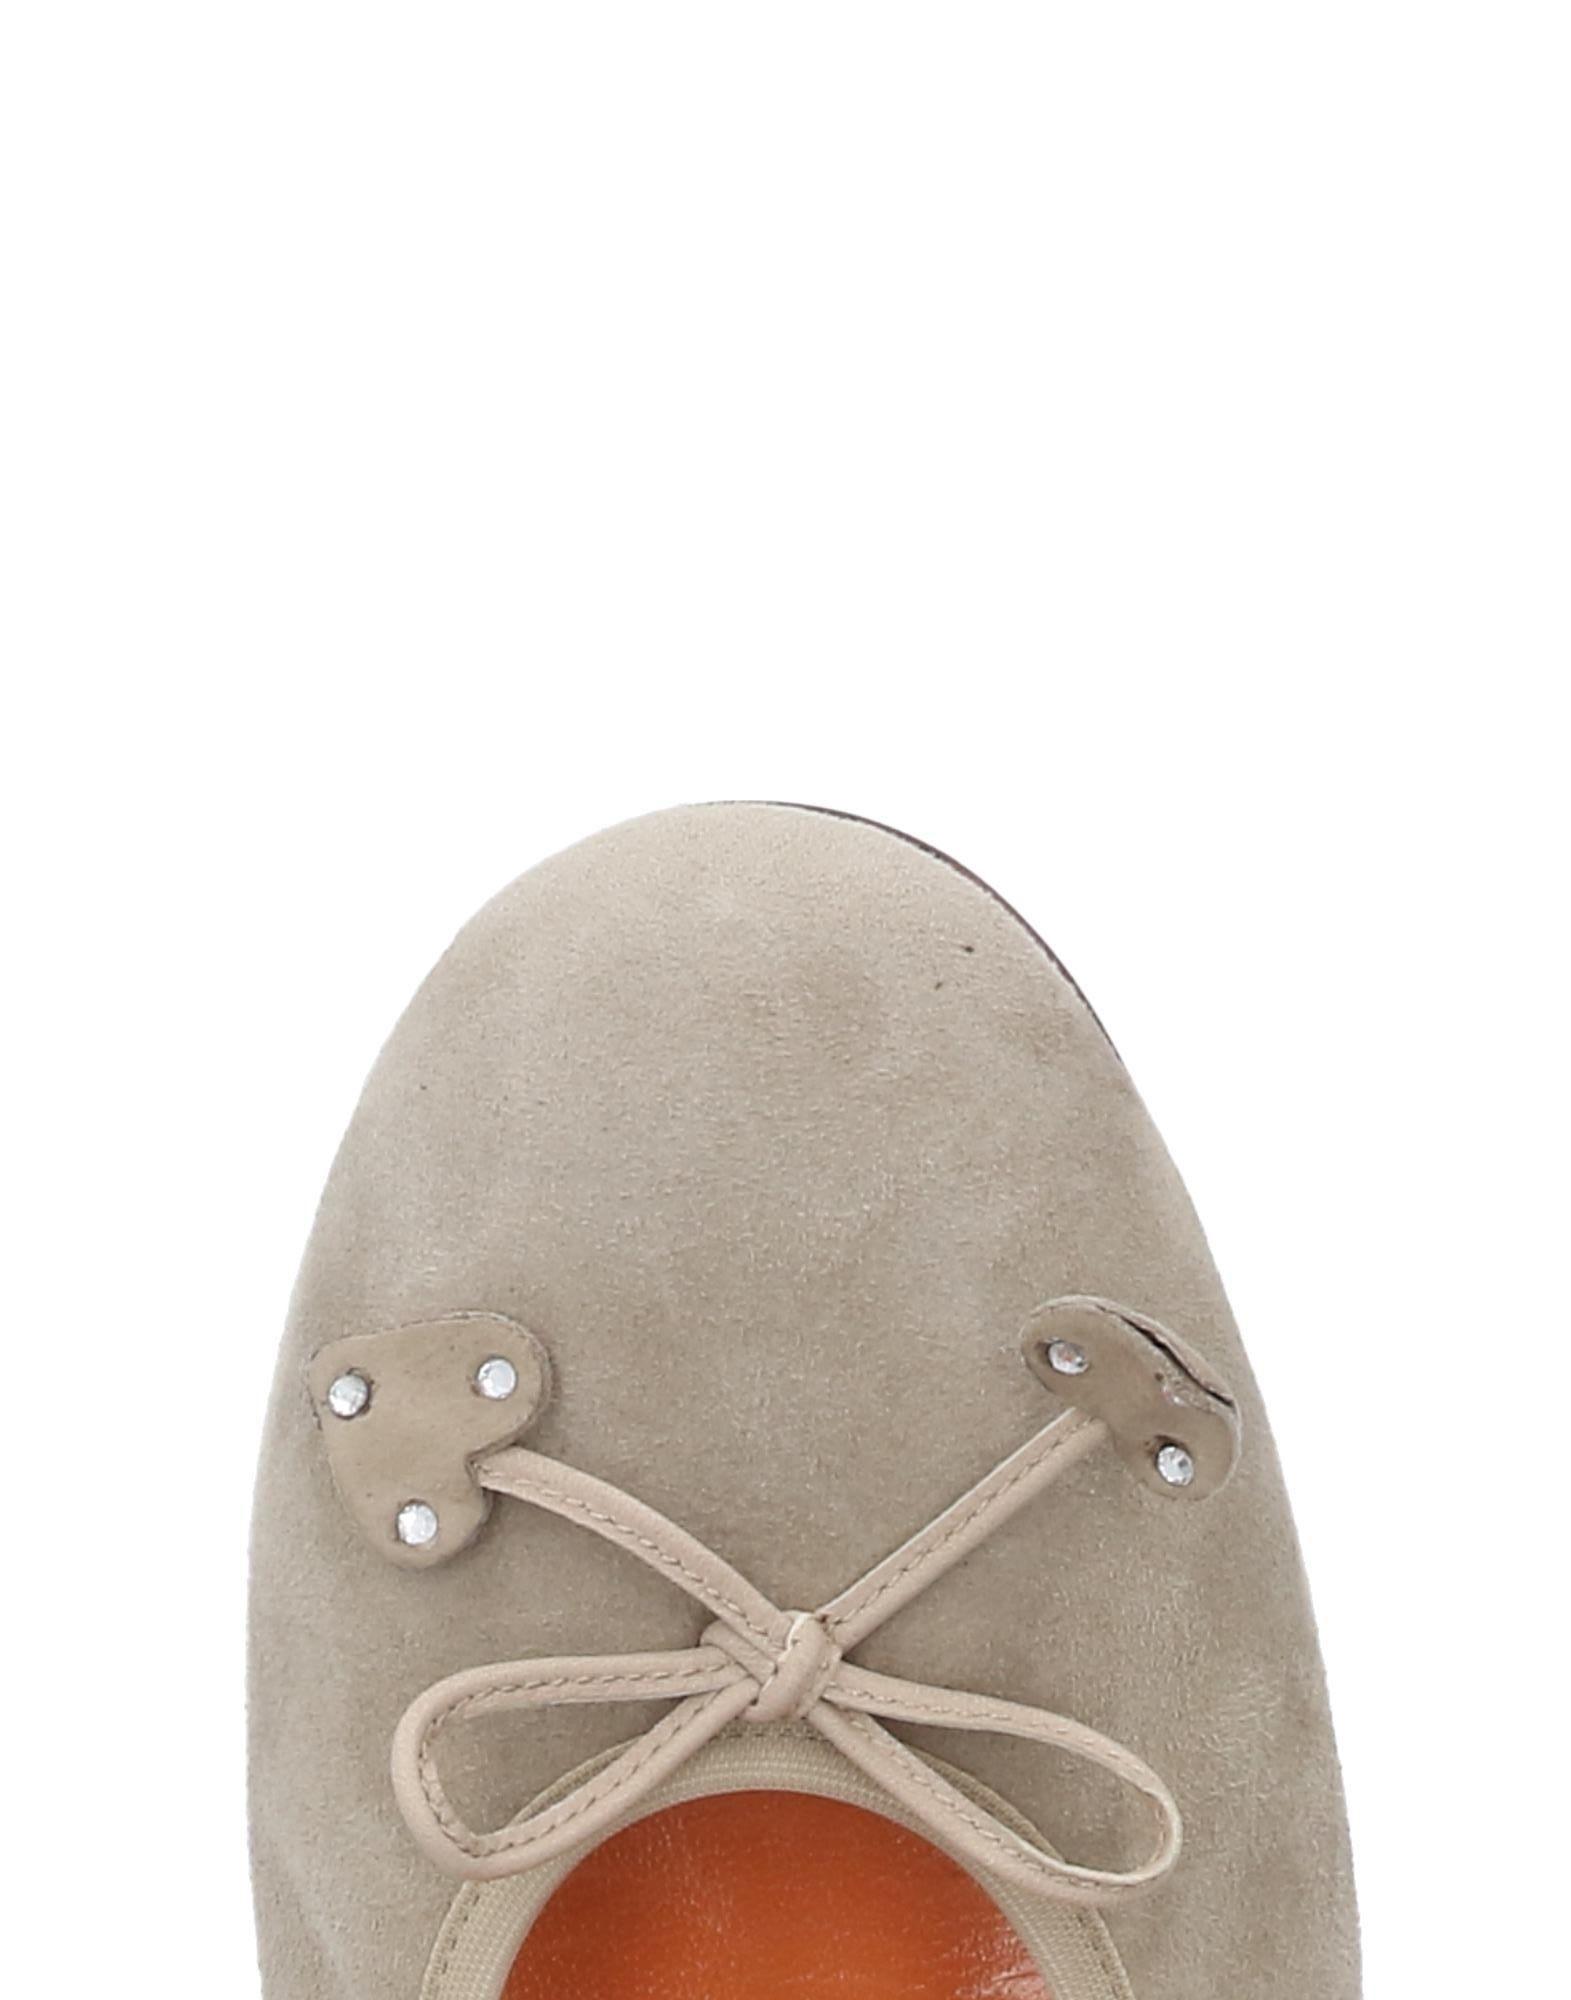 Katrin Pumps Damen  11464353RL Gute Gute Gute Qualität beliebte Schuhe badefd